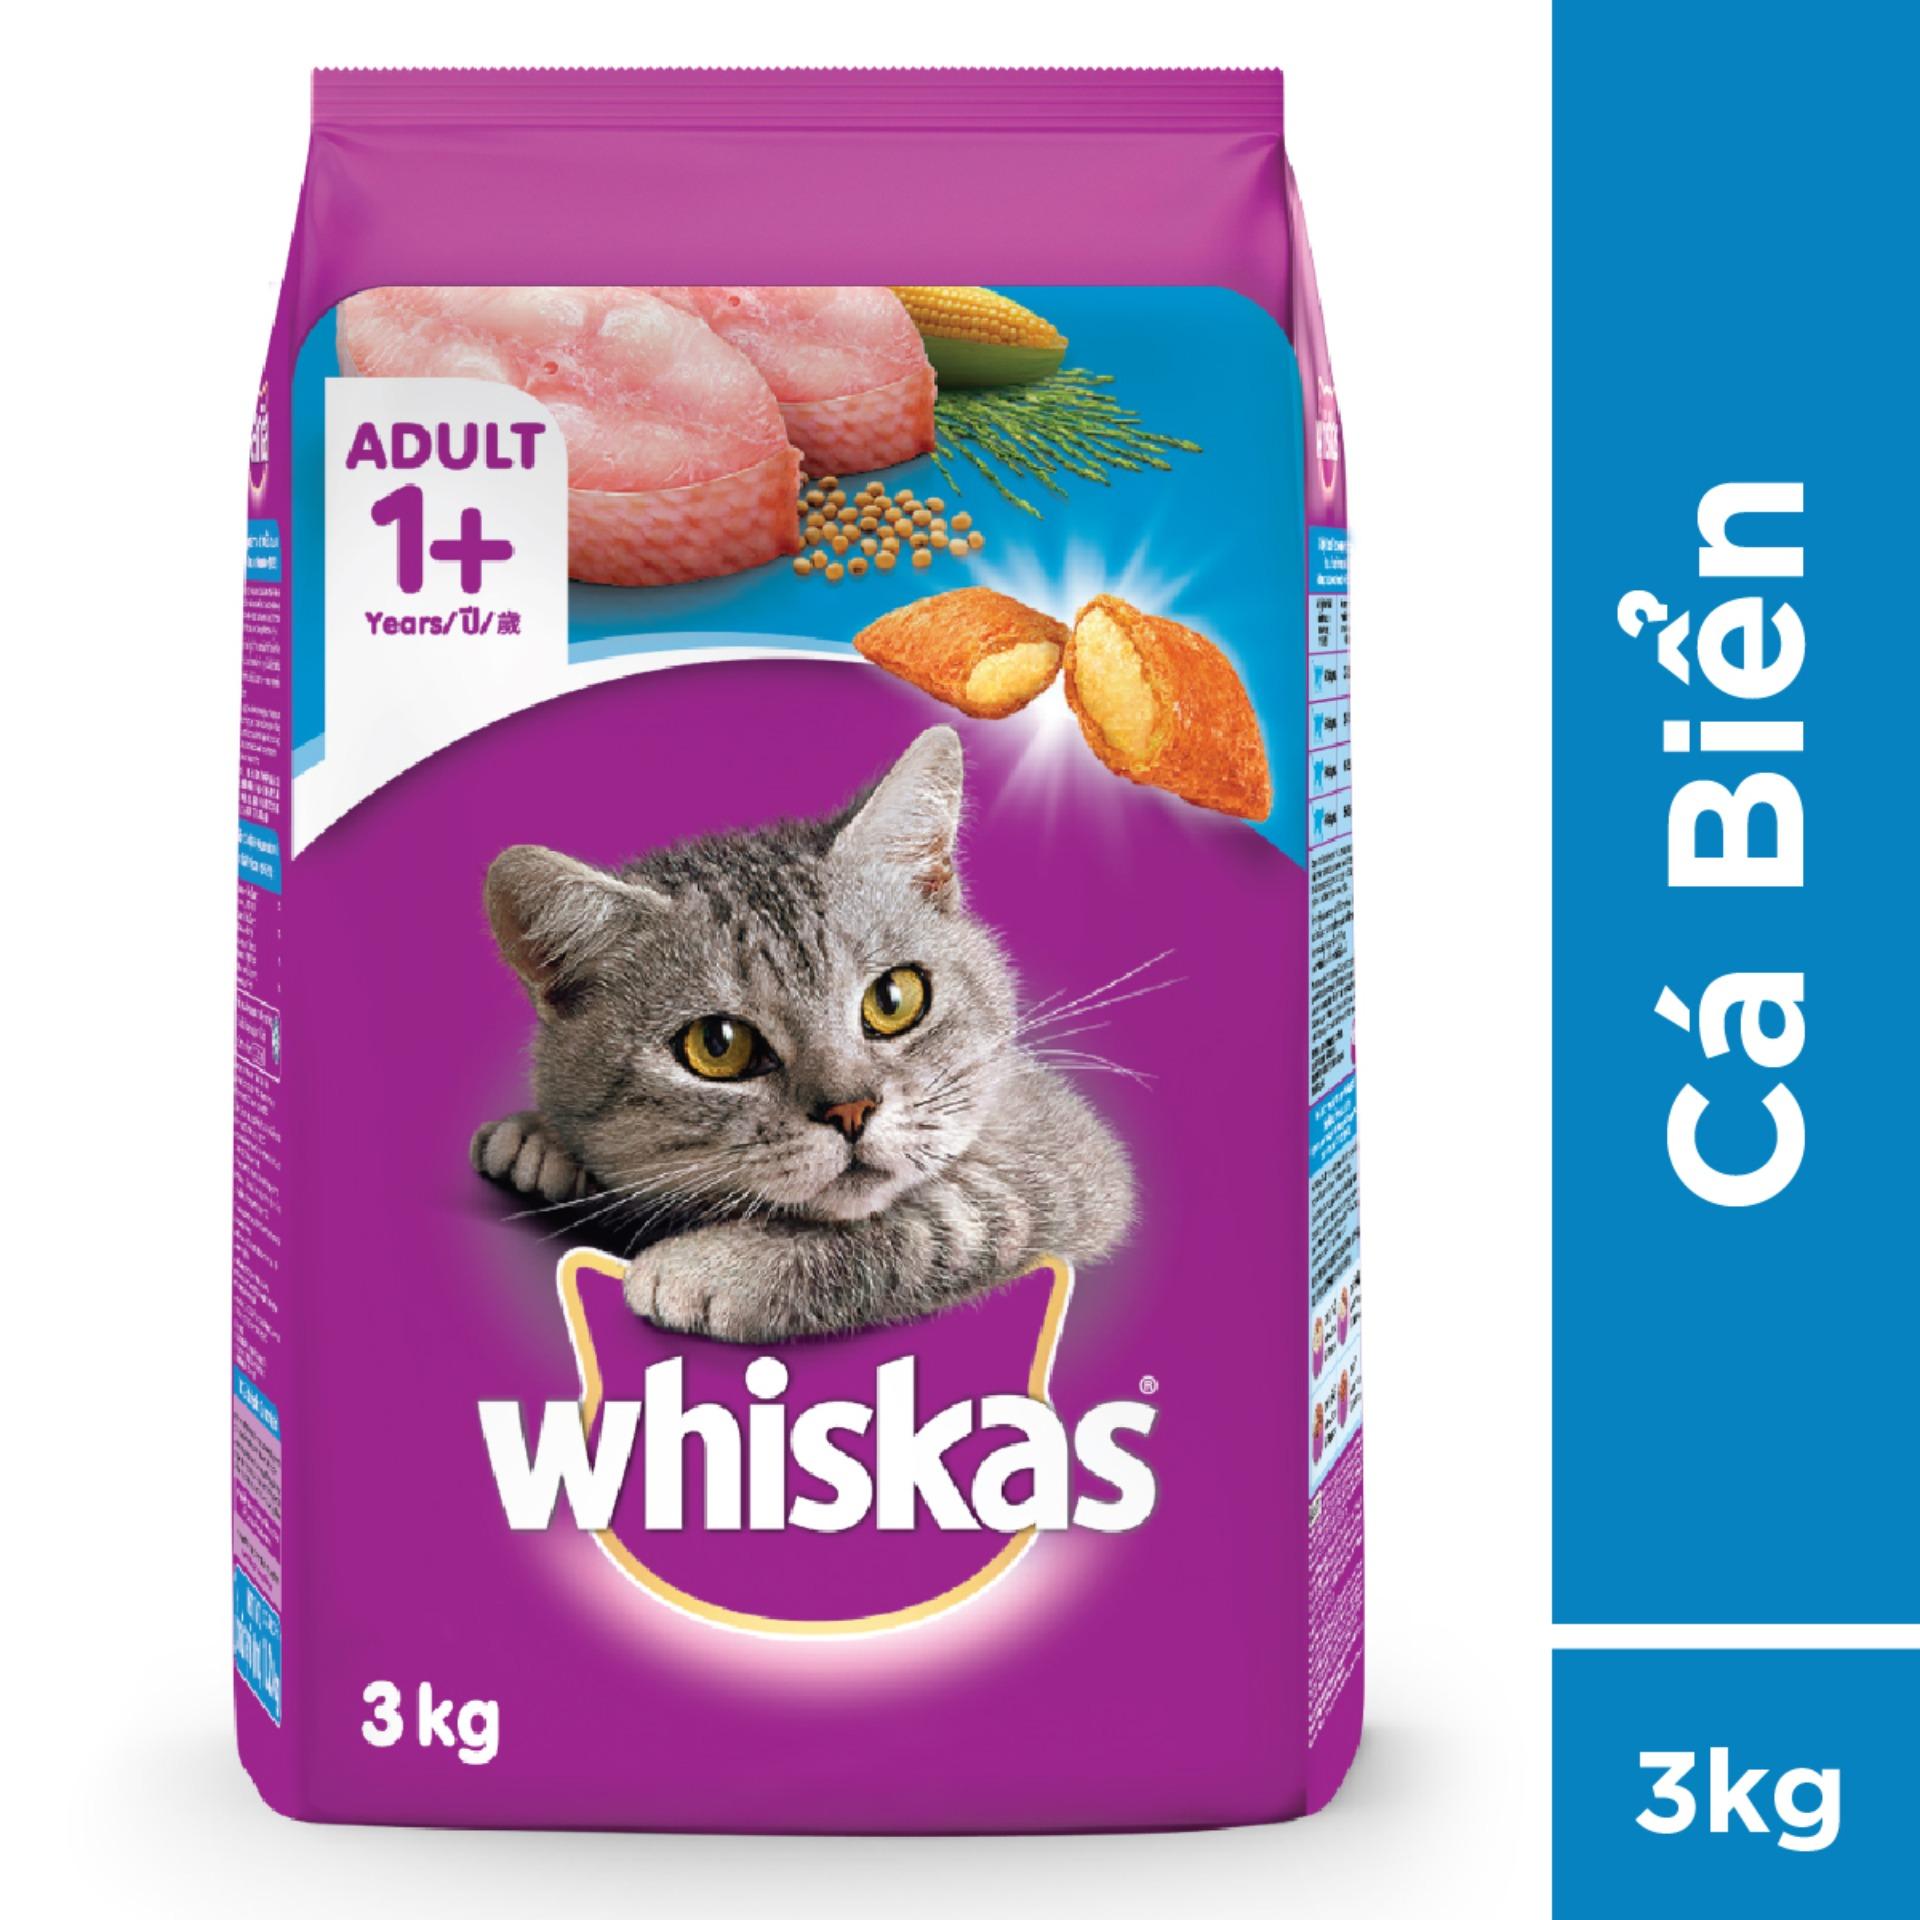 Offer Ưu Đãi Thức ăn Mèo Whiskas Vị Cá Biển Túi 3kg